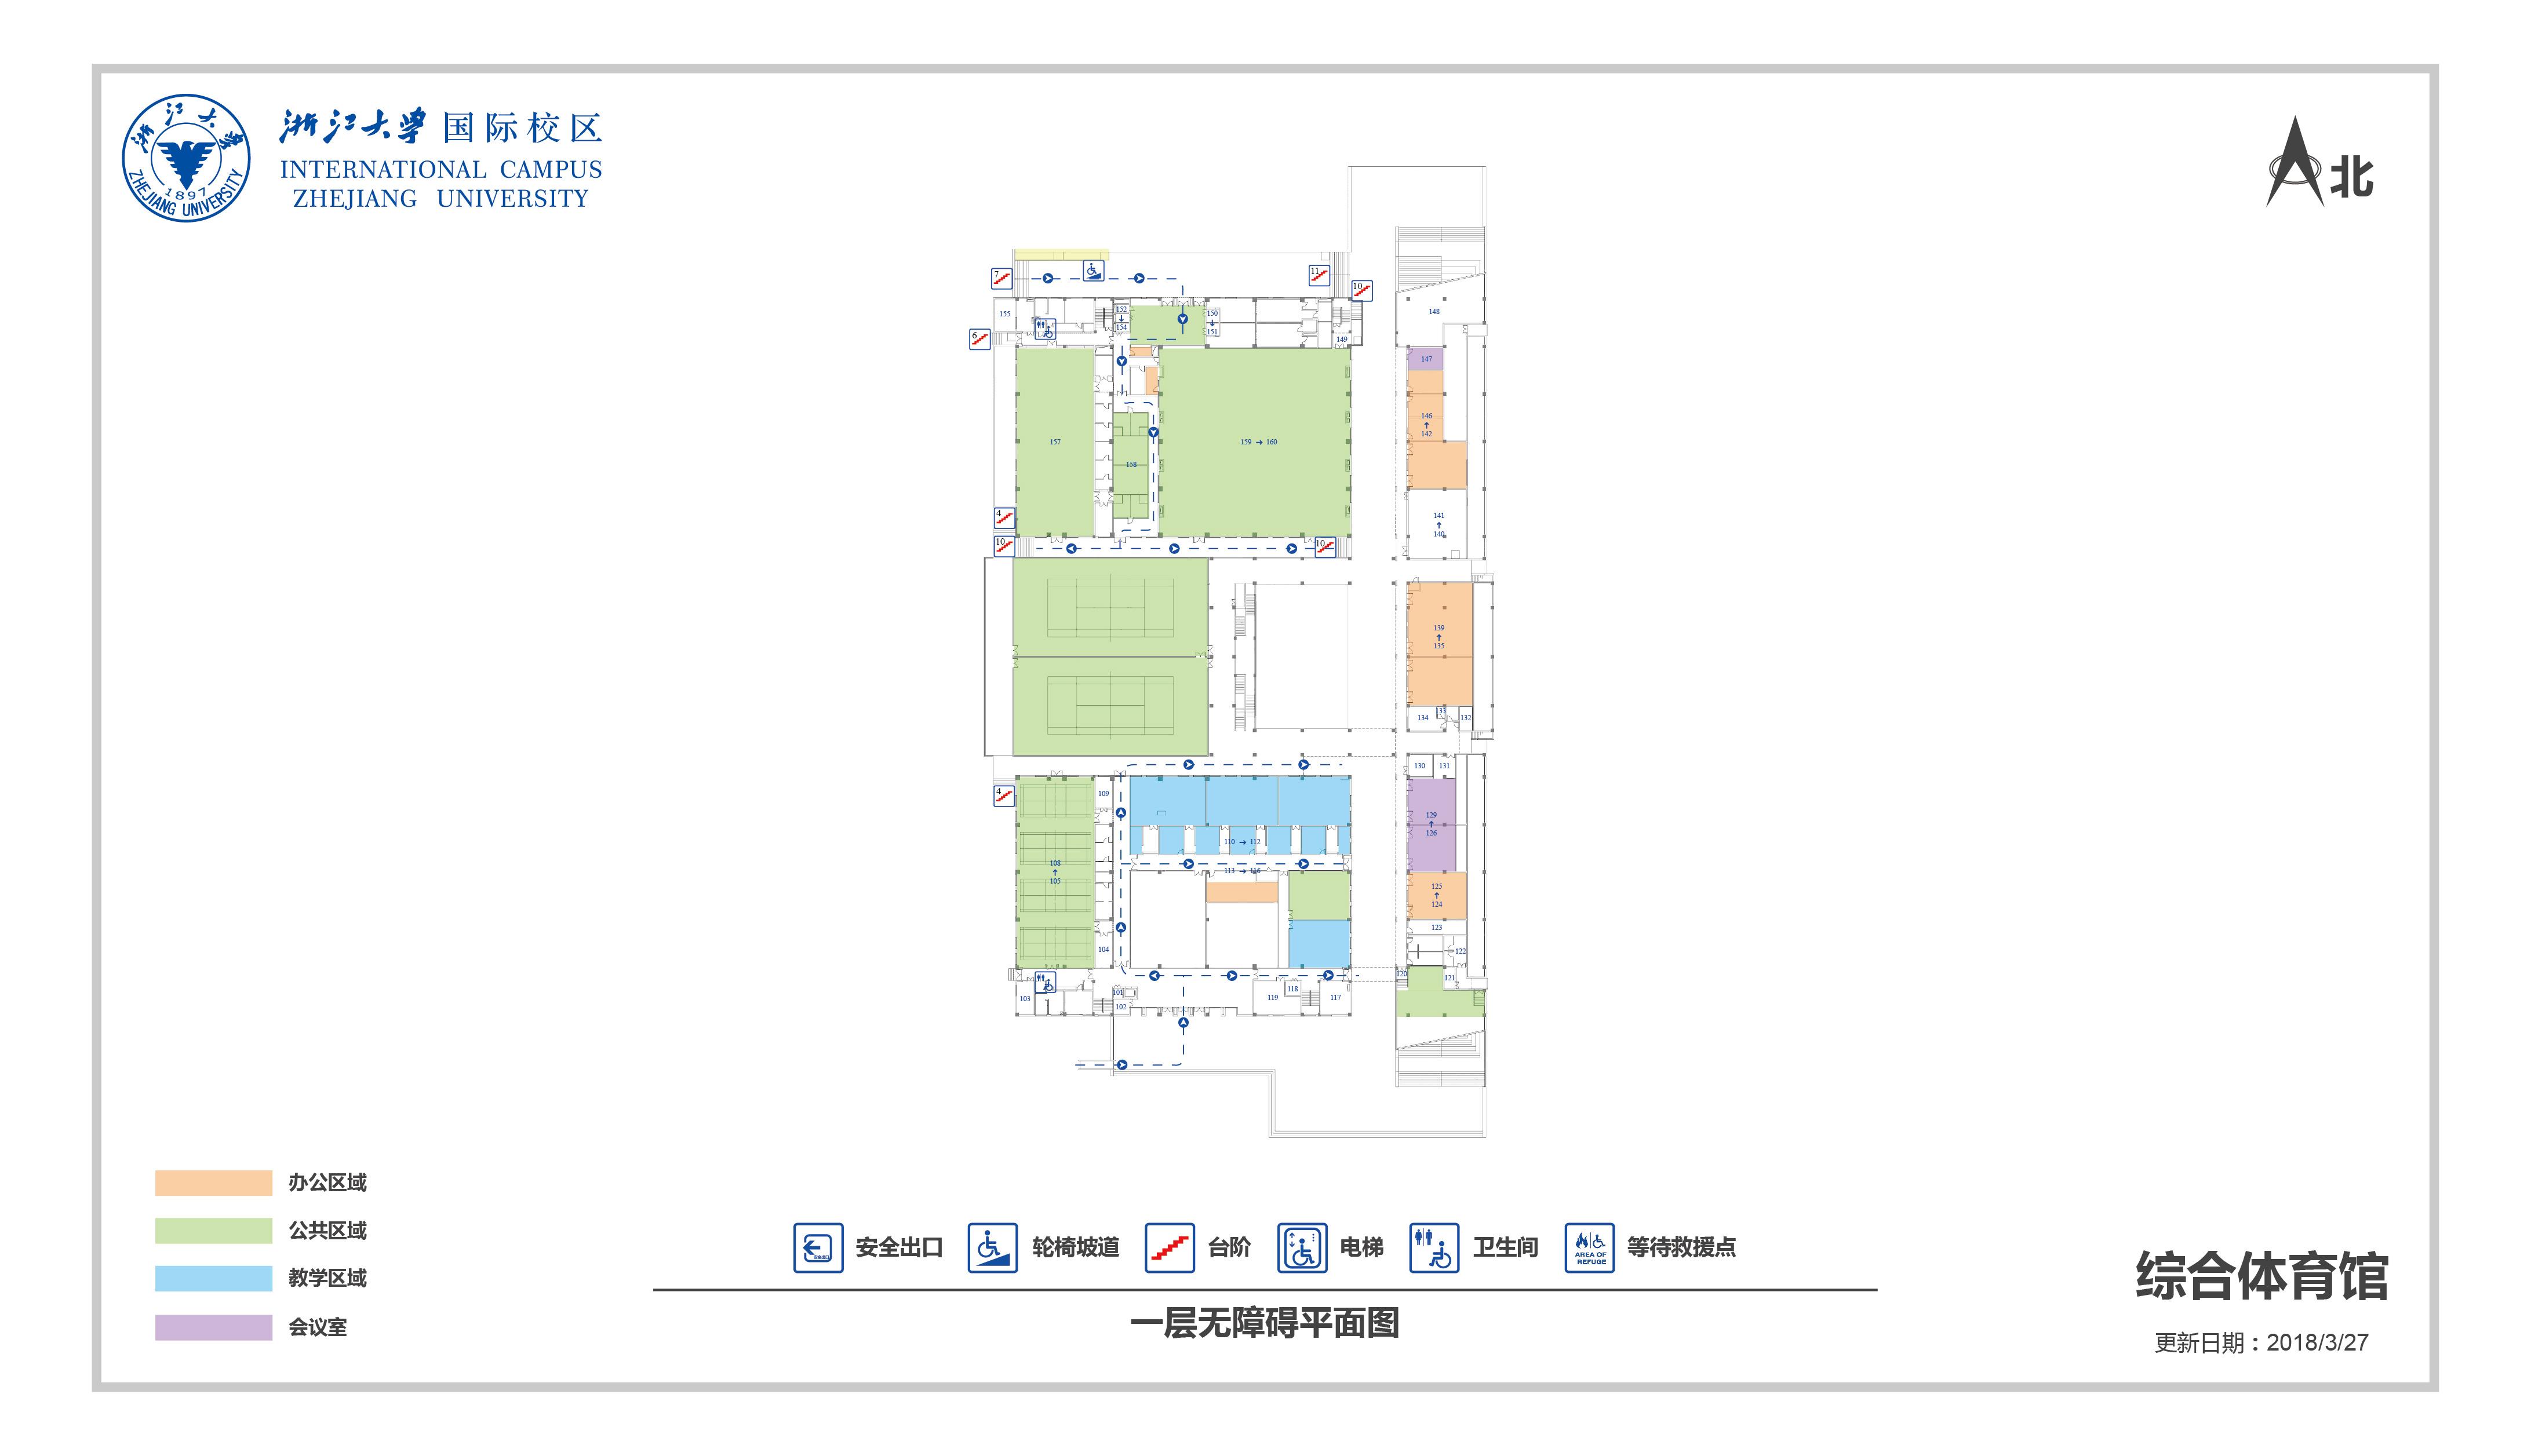 综合体育馆无障碍设施一层平面图.jpg